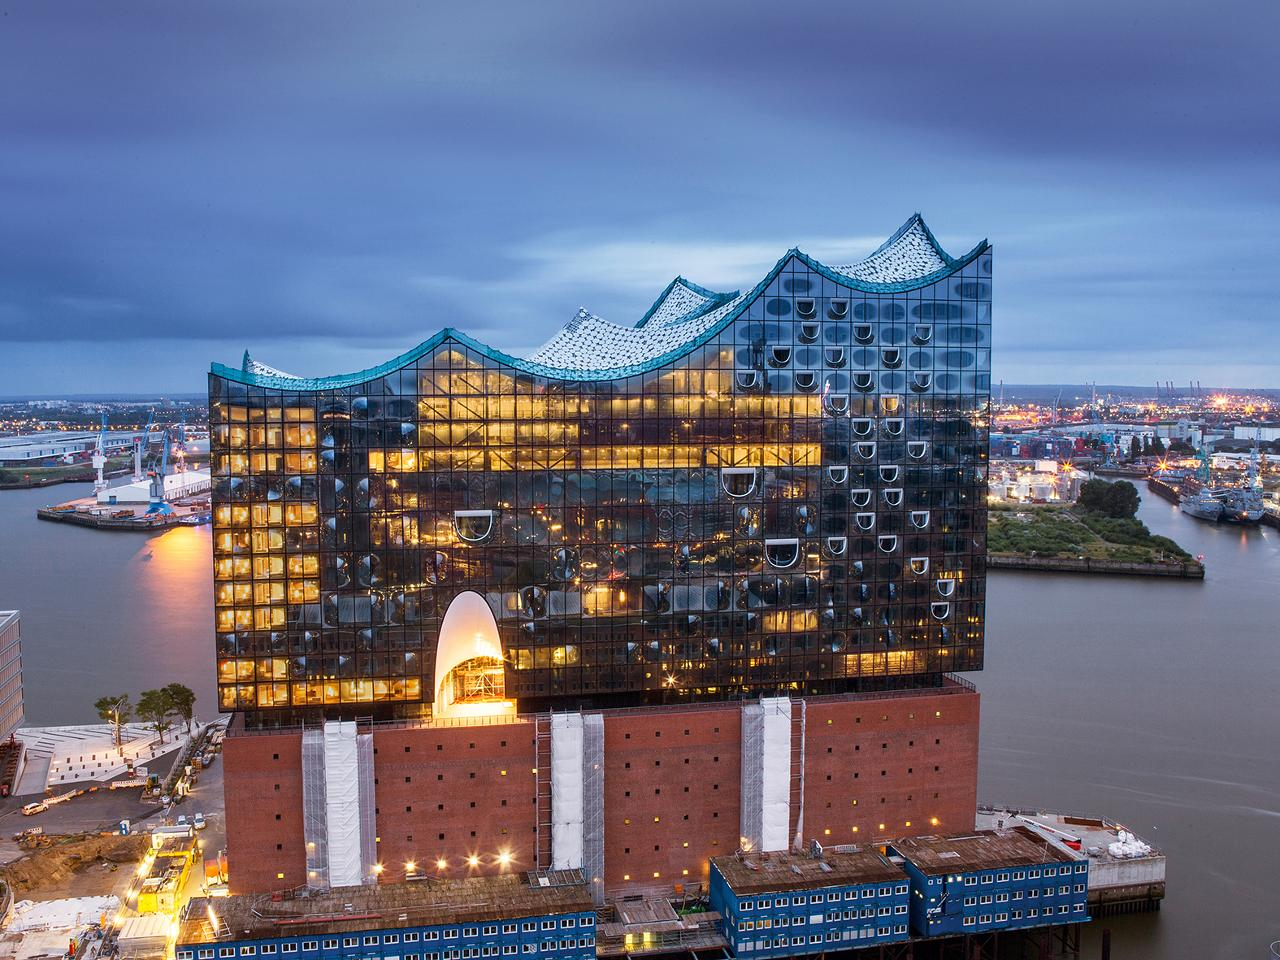 ... Großer Saal Elbphilharmonie Hamburg: Johannes Arlt, Elbphilharmonie ...